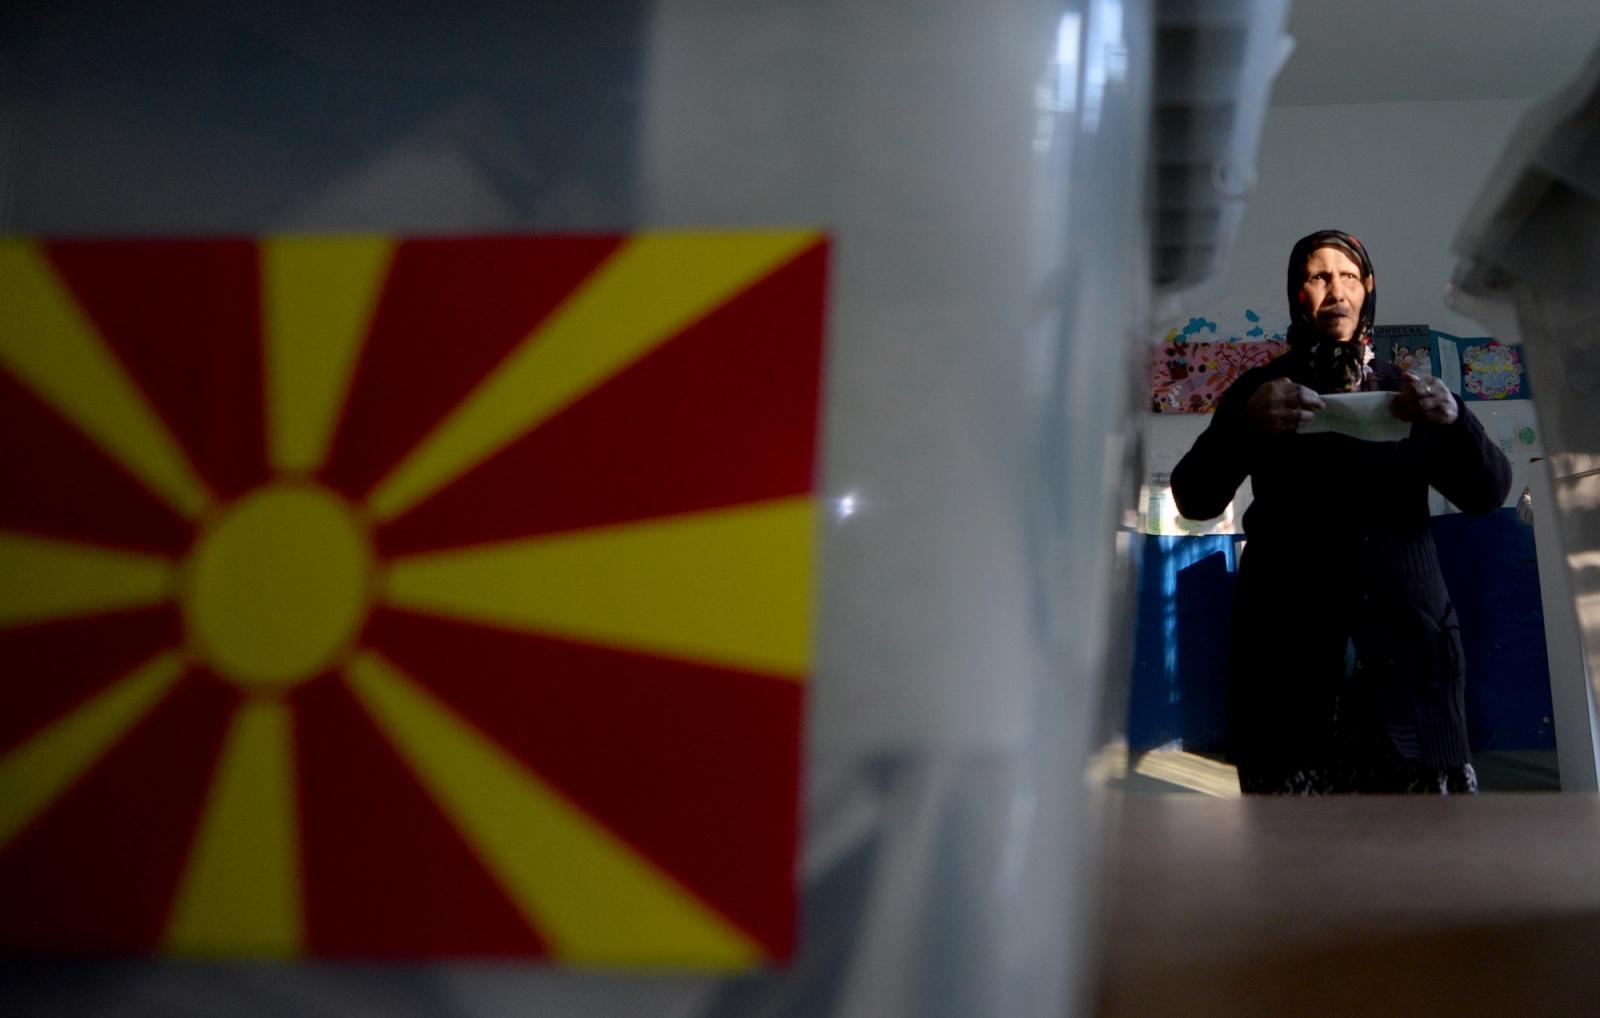 Η προεκλογική εκστρατεία στην Βόρεια Μακεδονία μπαίνει στην τελευταία εβδομάδα